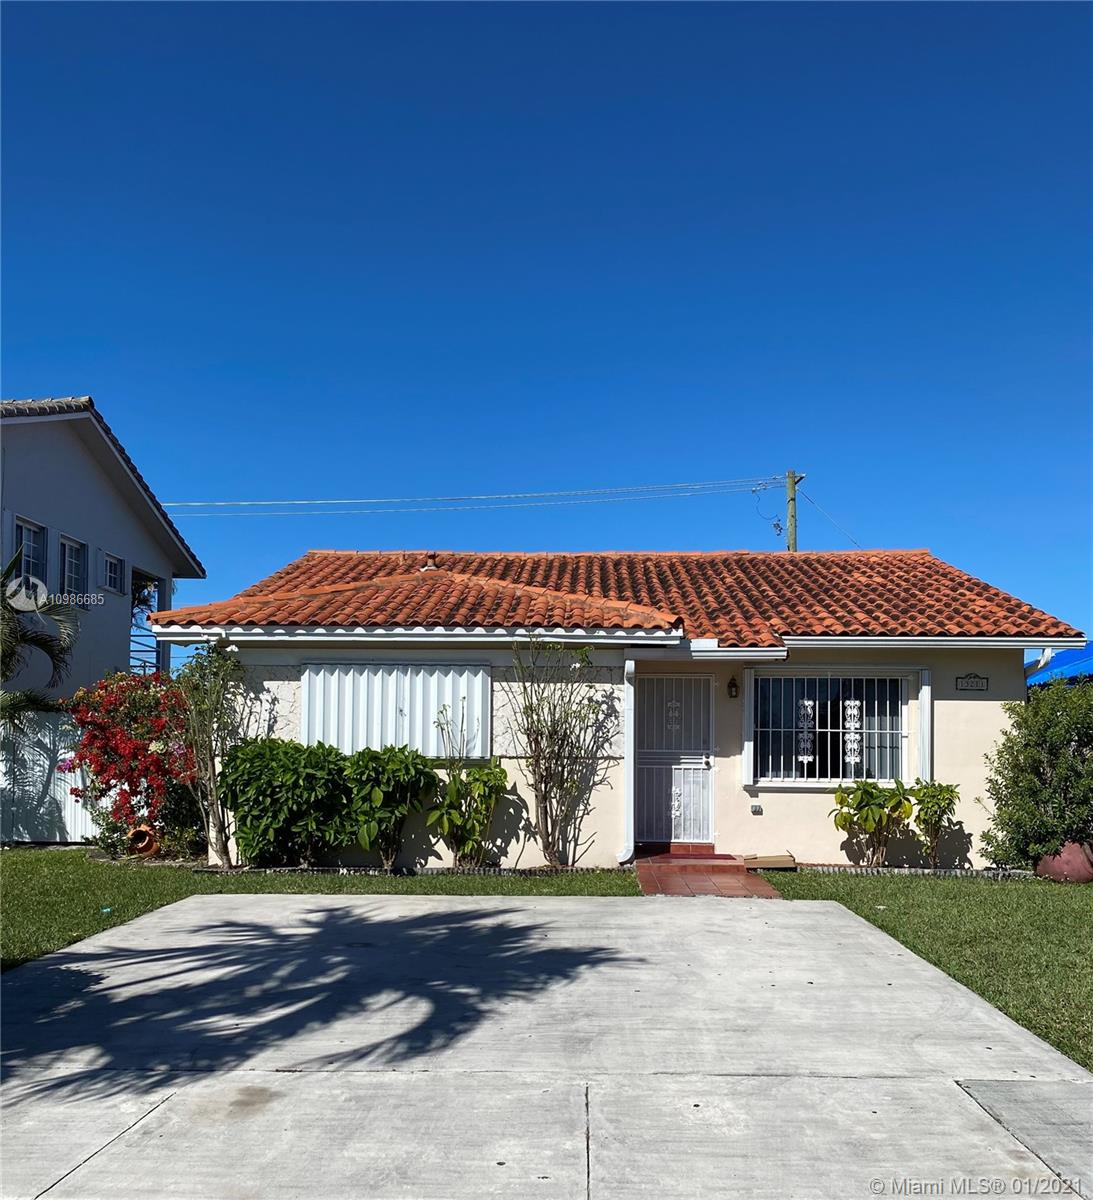 J G Heads Farms - 13211 SW 41st Ter, Miami, FL 33175